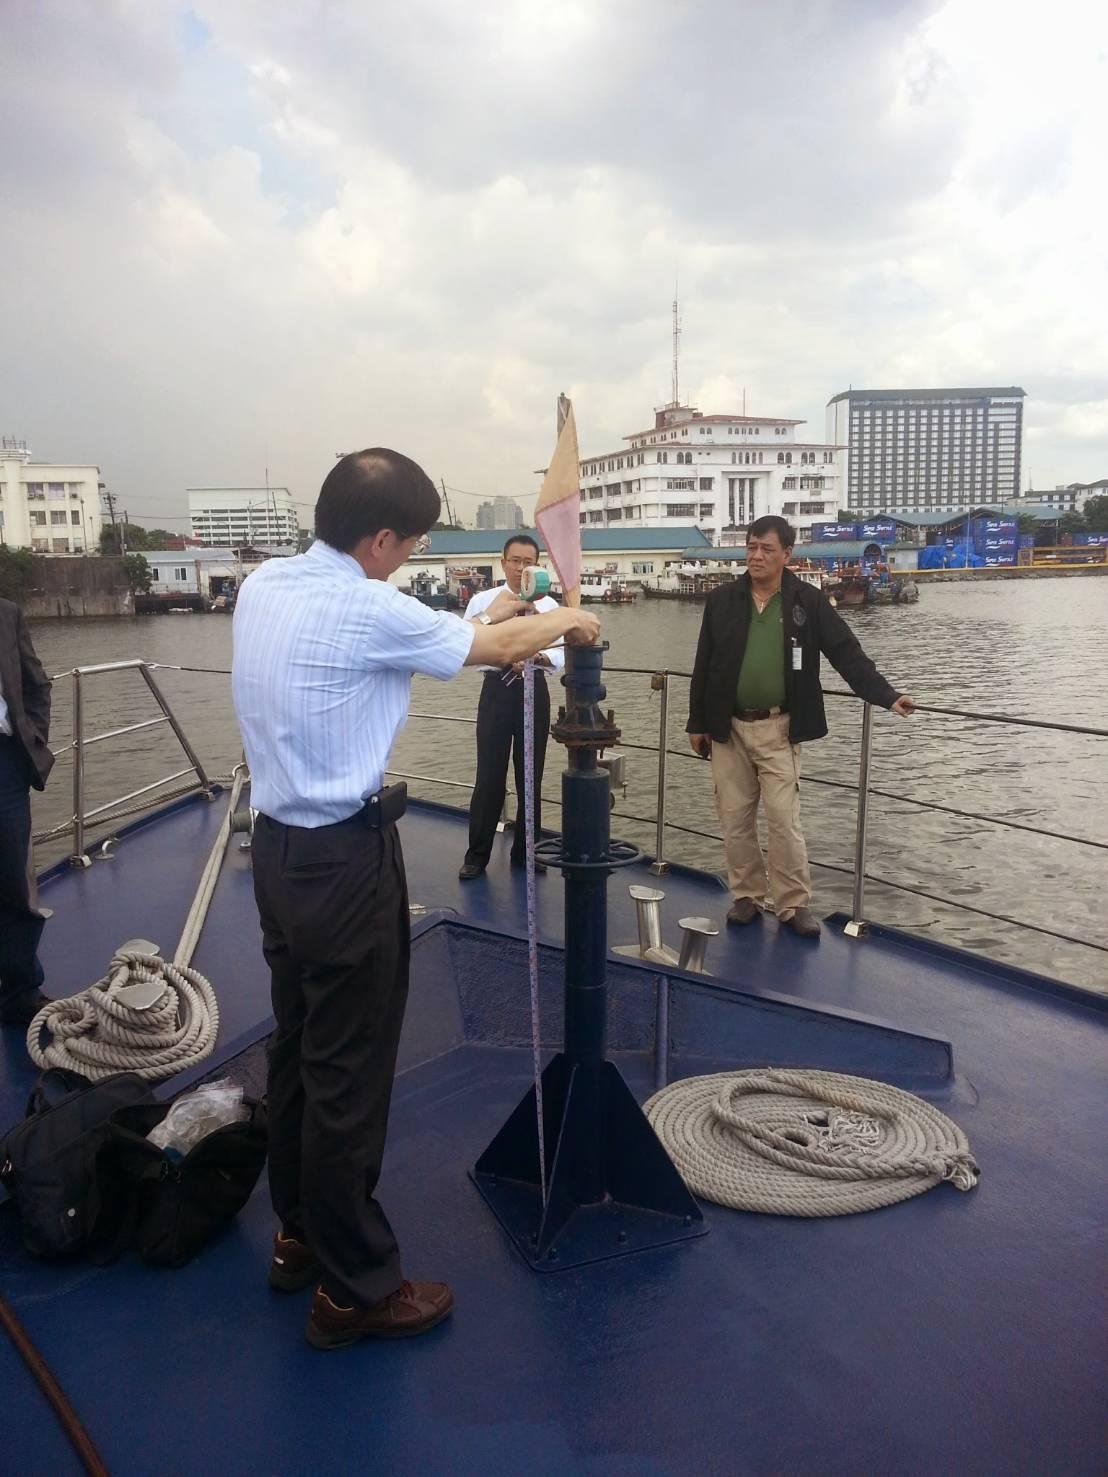 我國檢警人員2013年赴菲律賓,登上涉嫌開槍掃射的巡邏艇,勘驗機槍的位置。 圖/...